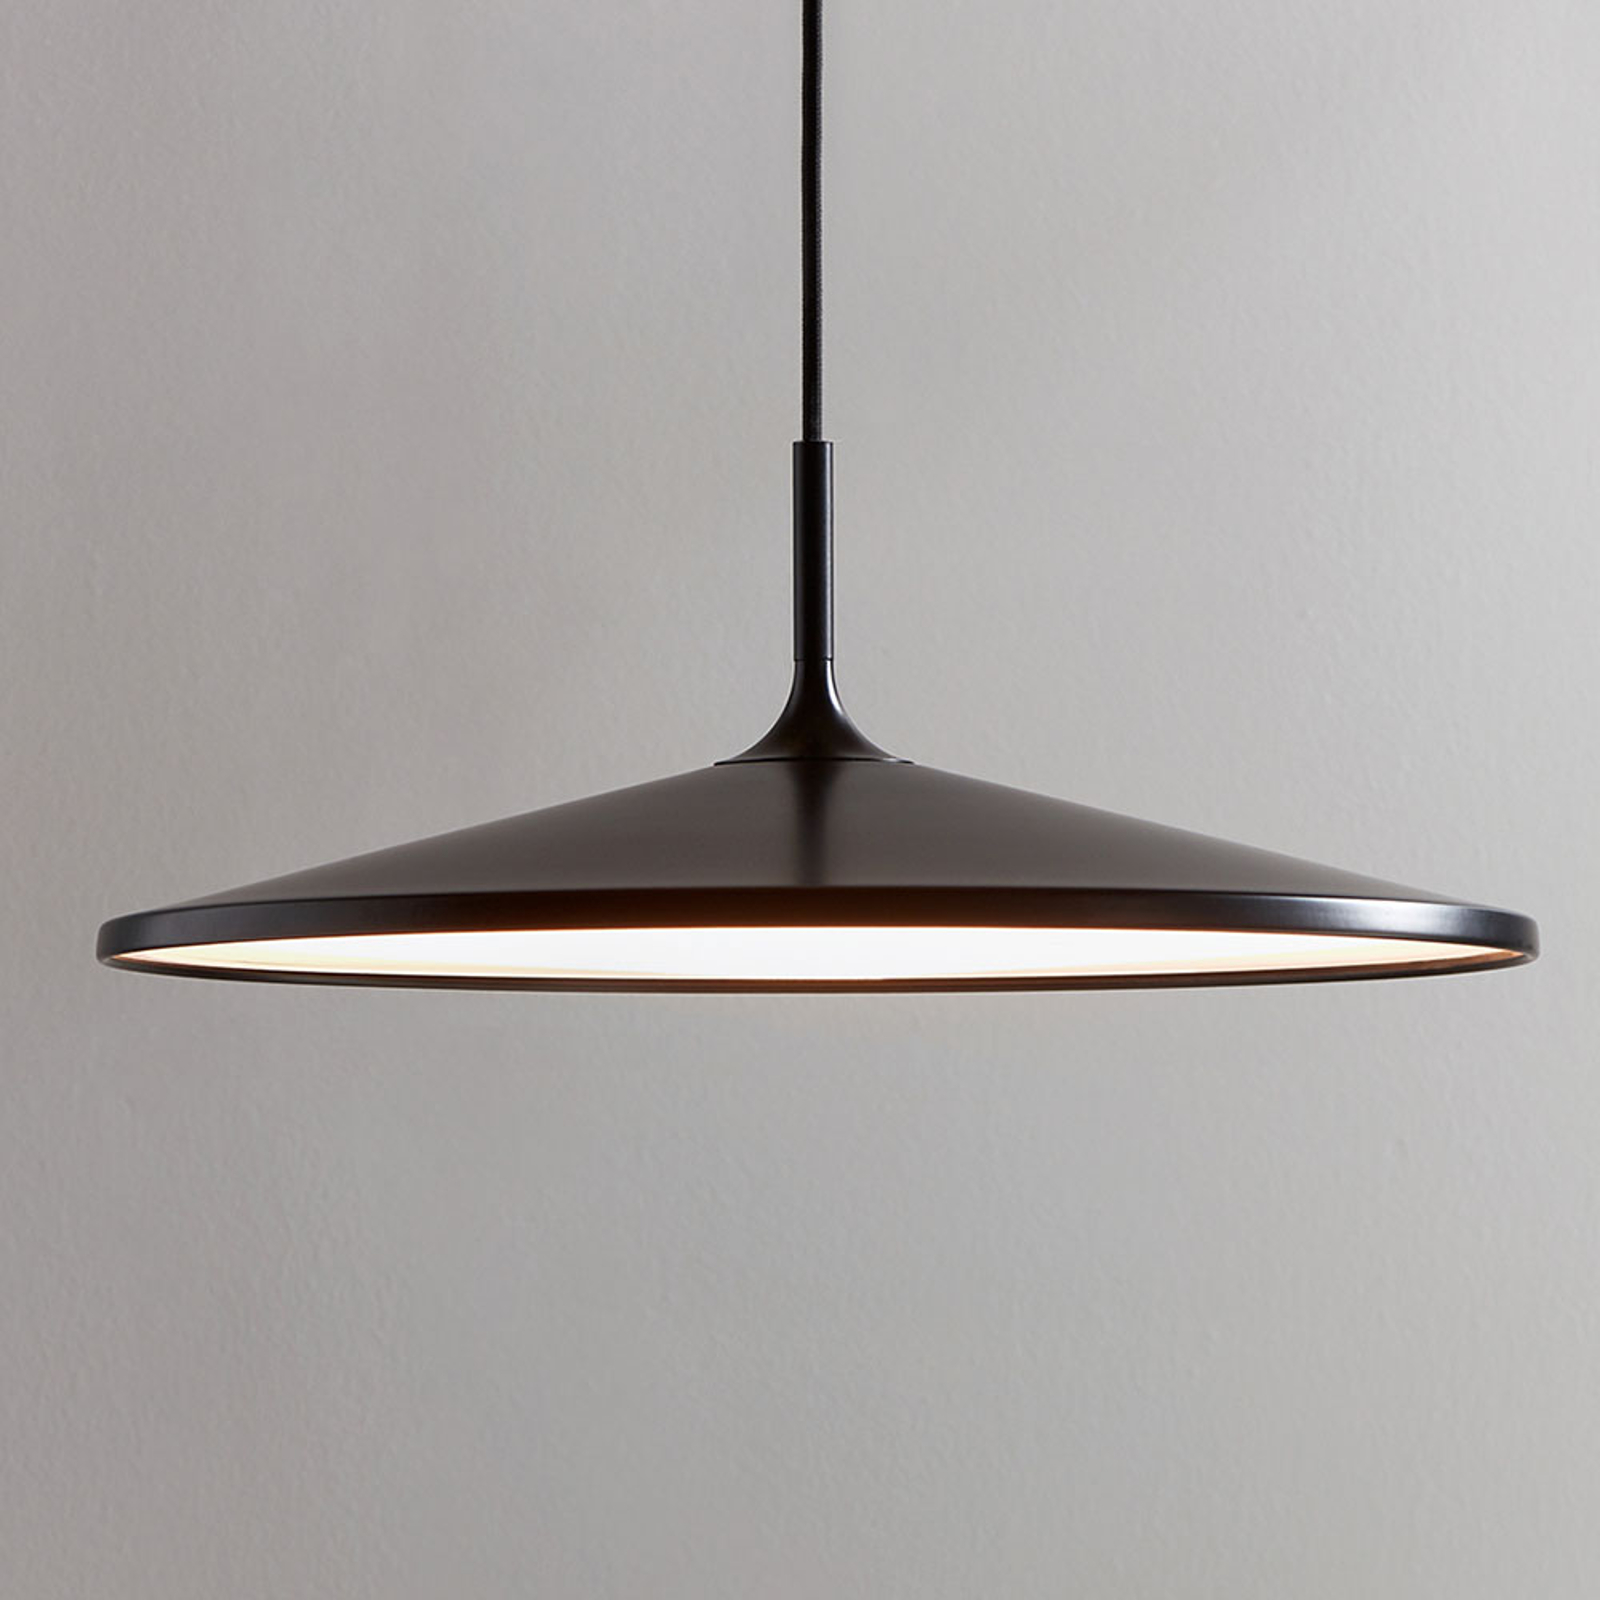 Lampa wisząca LED Balance, 3-stopniowy ściemniacz